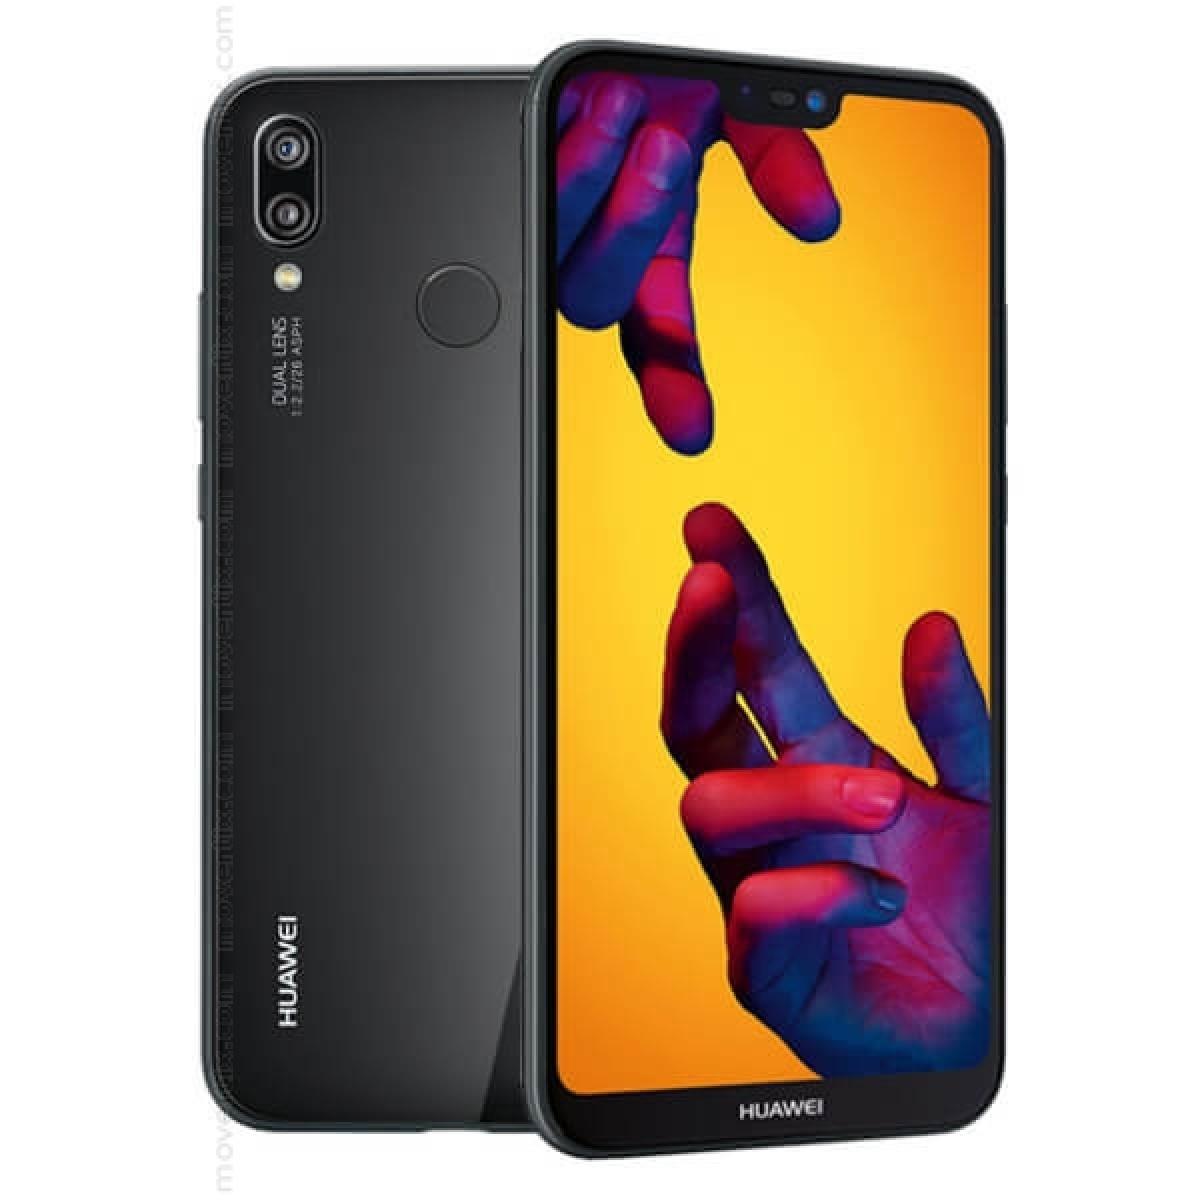 Huawei P20 Lite Dual SIM Black (ANE-LX1)